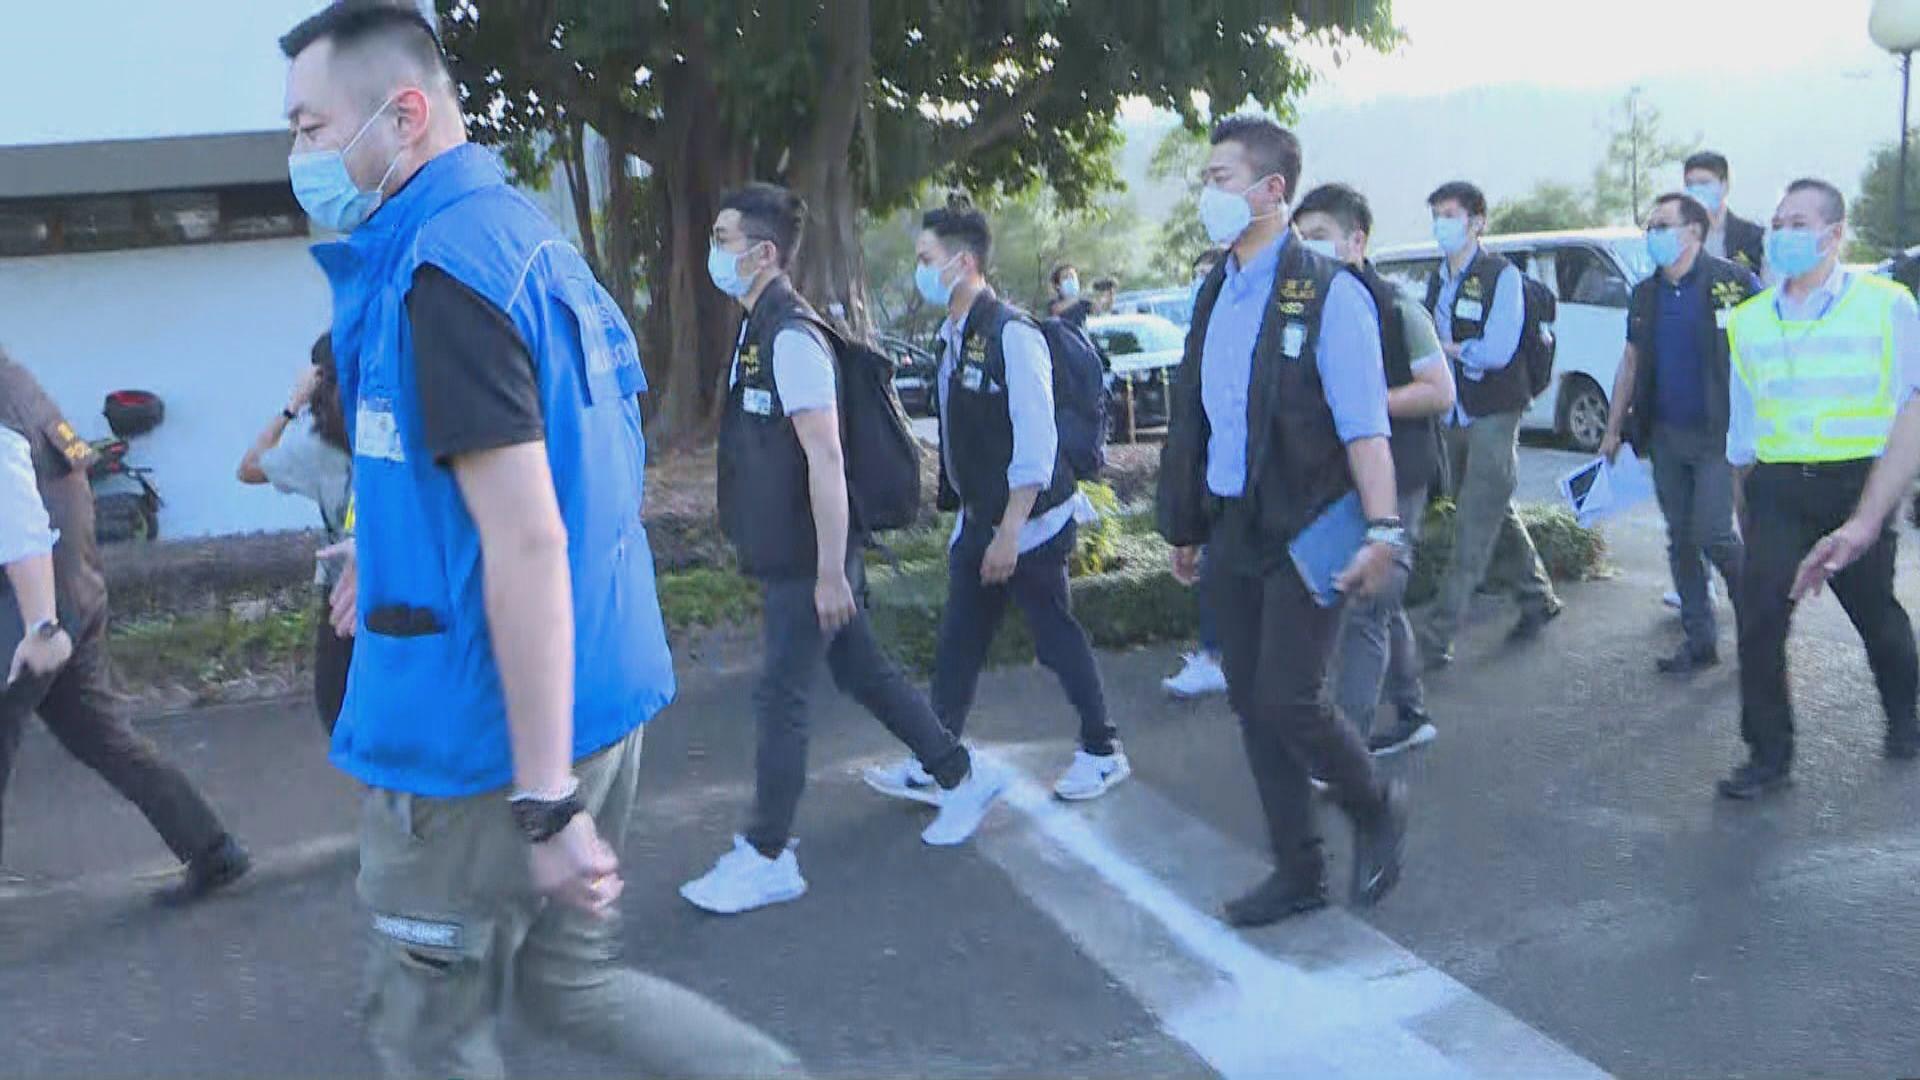 消息:警方國安處拘8人涉中大遊行 楊子雋陳易舜被捕